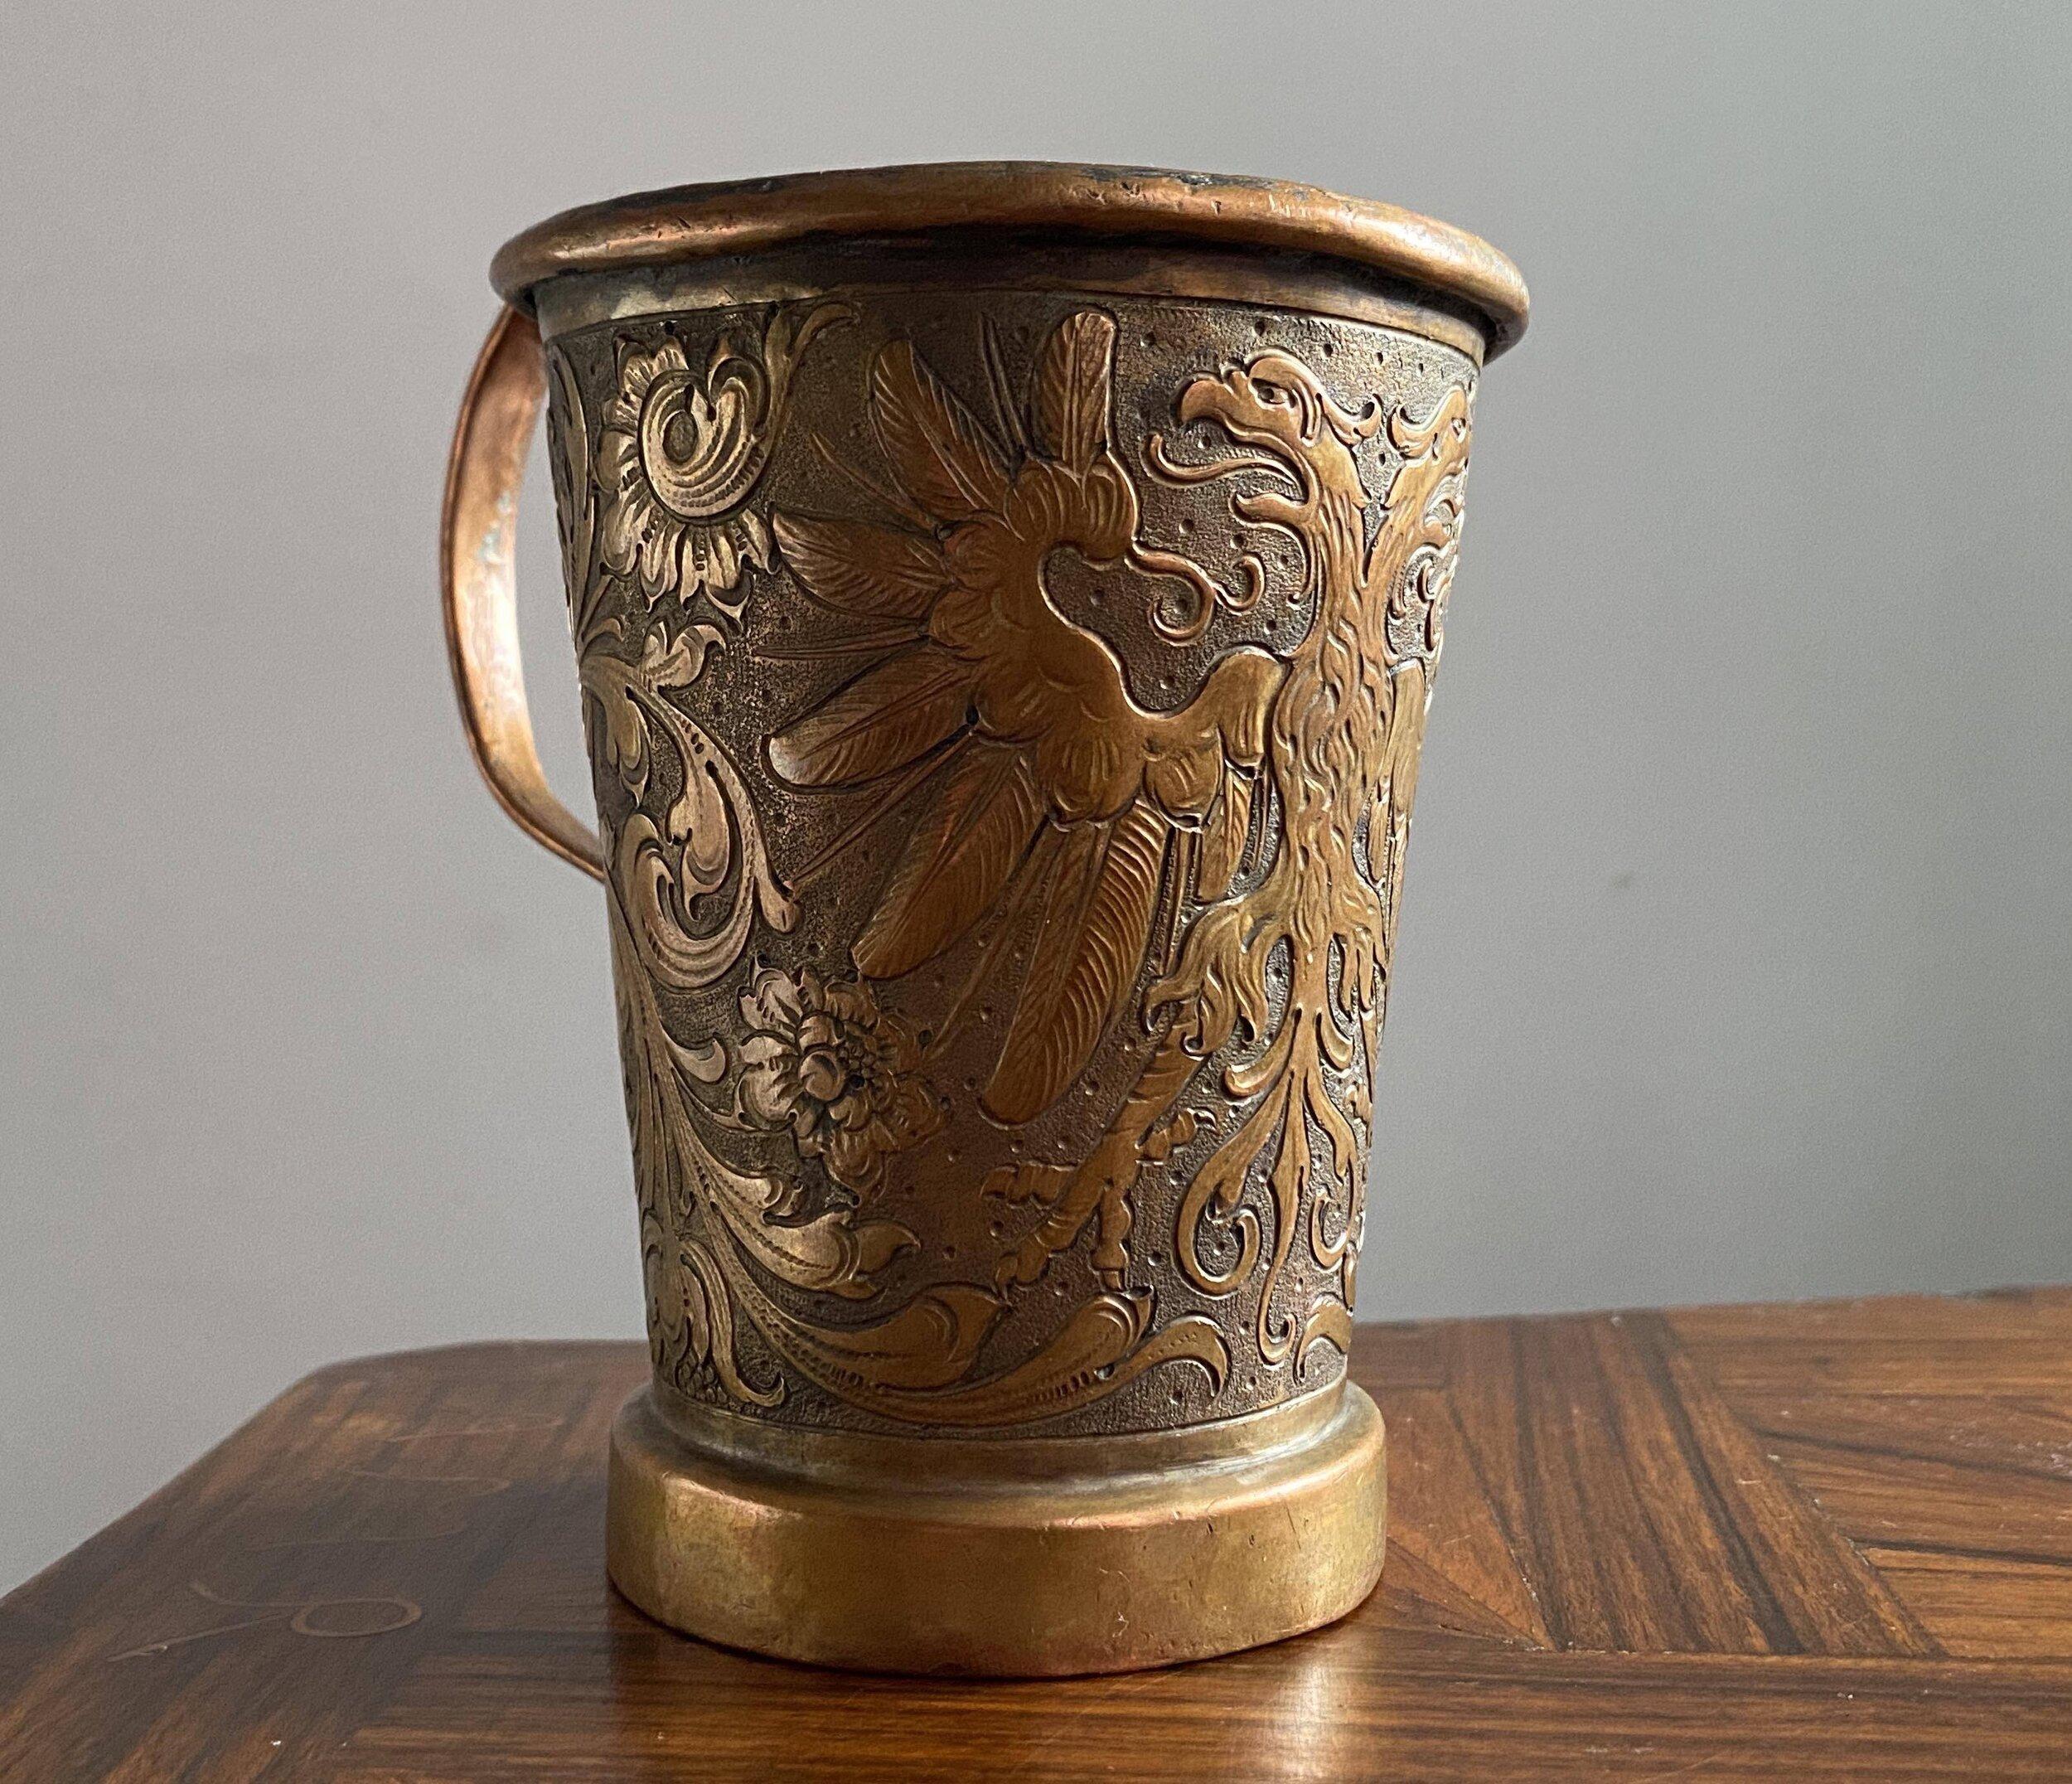 Bohemia Copper Beer Mug second viewe